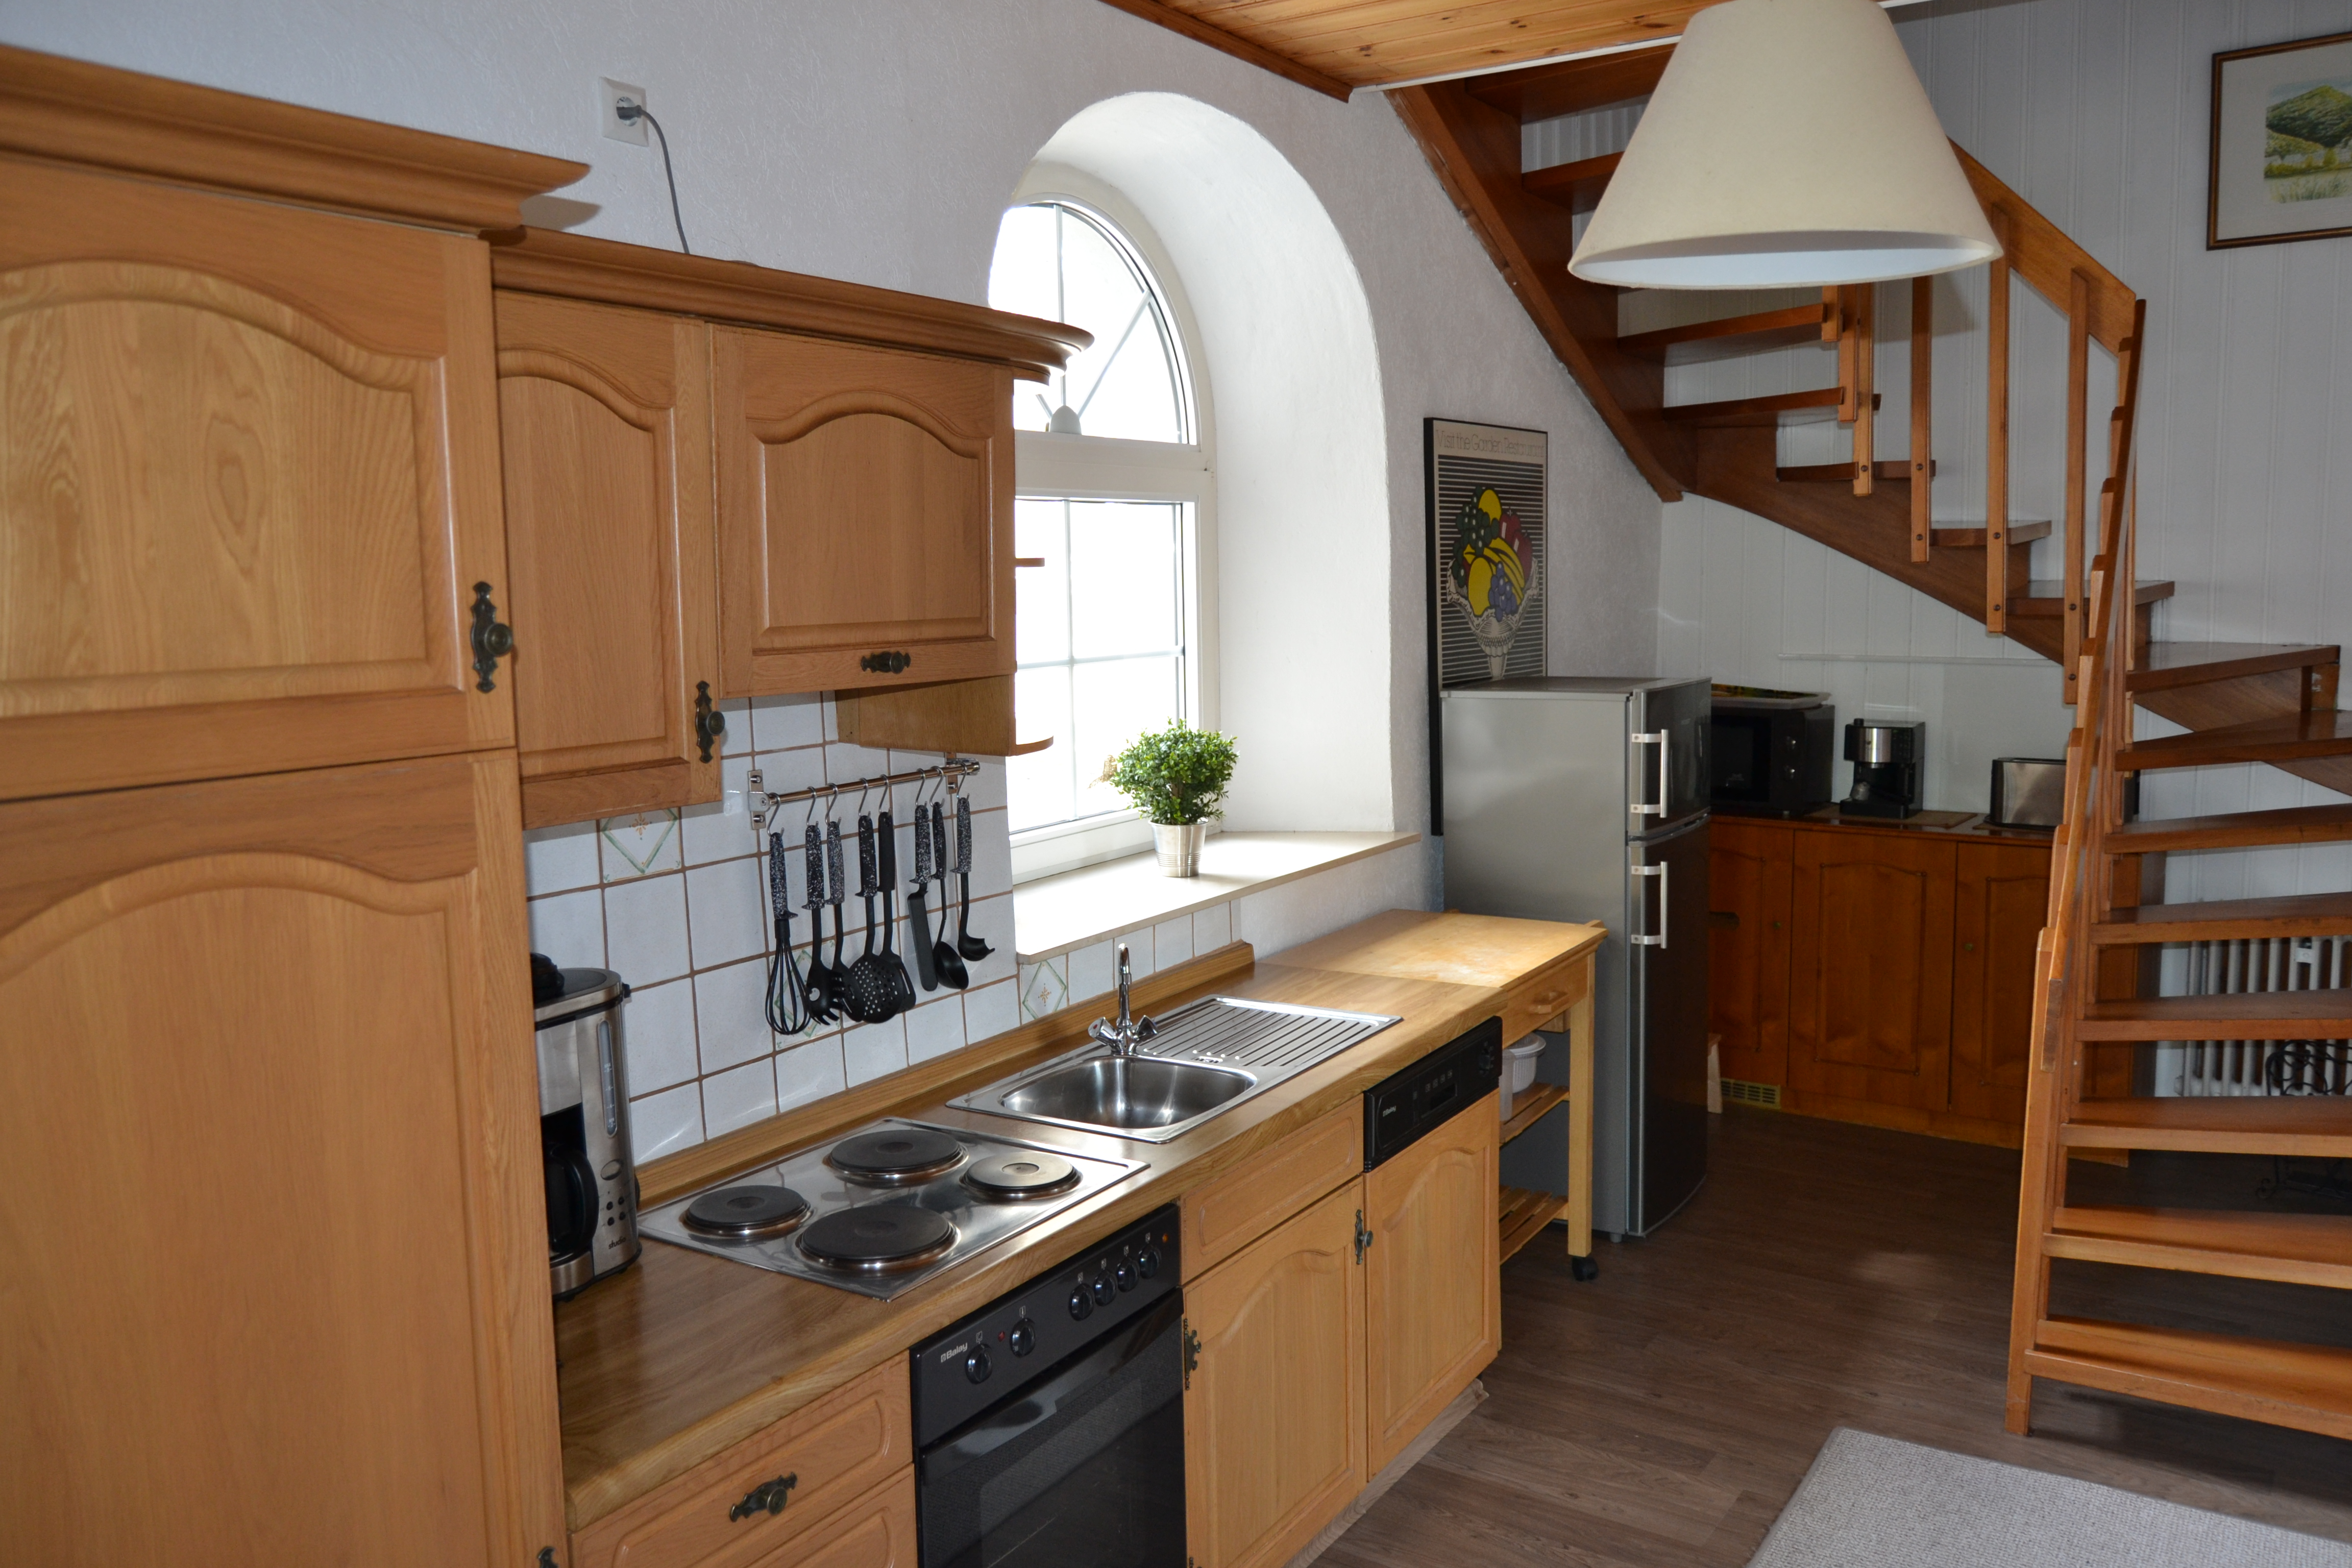 Ferienhaus - Küche (1)